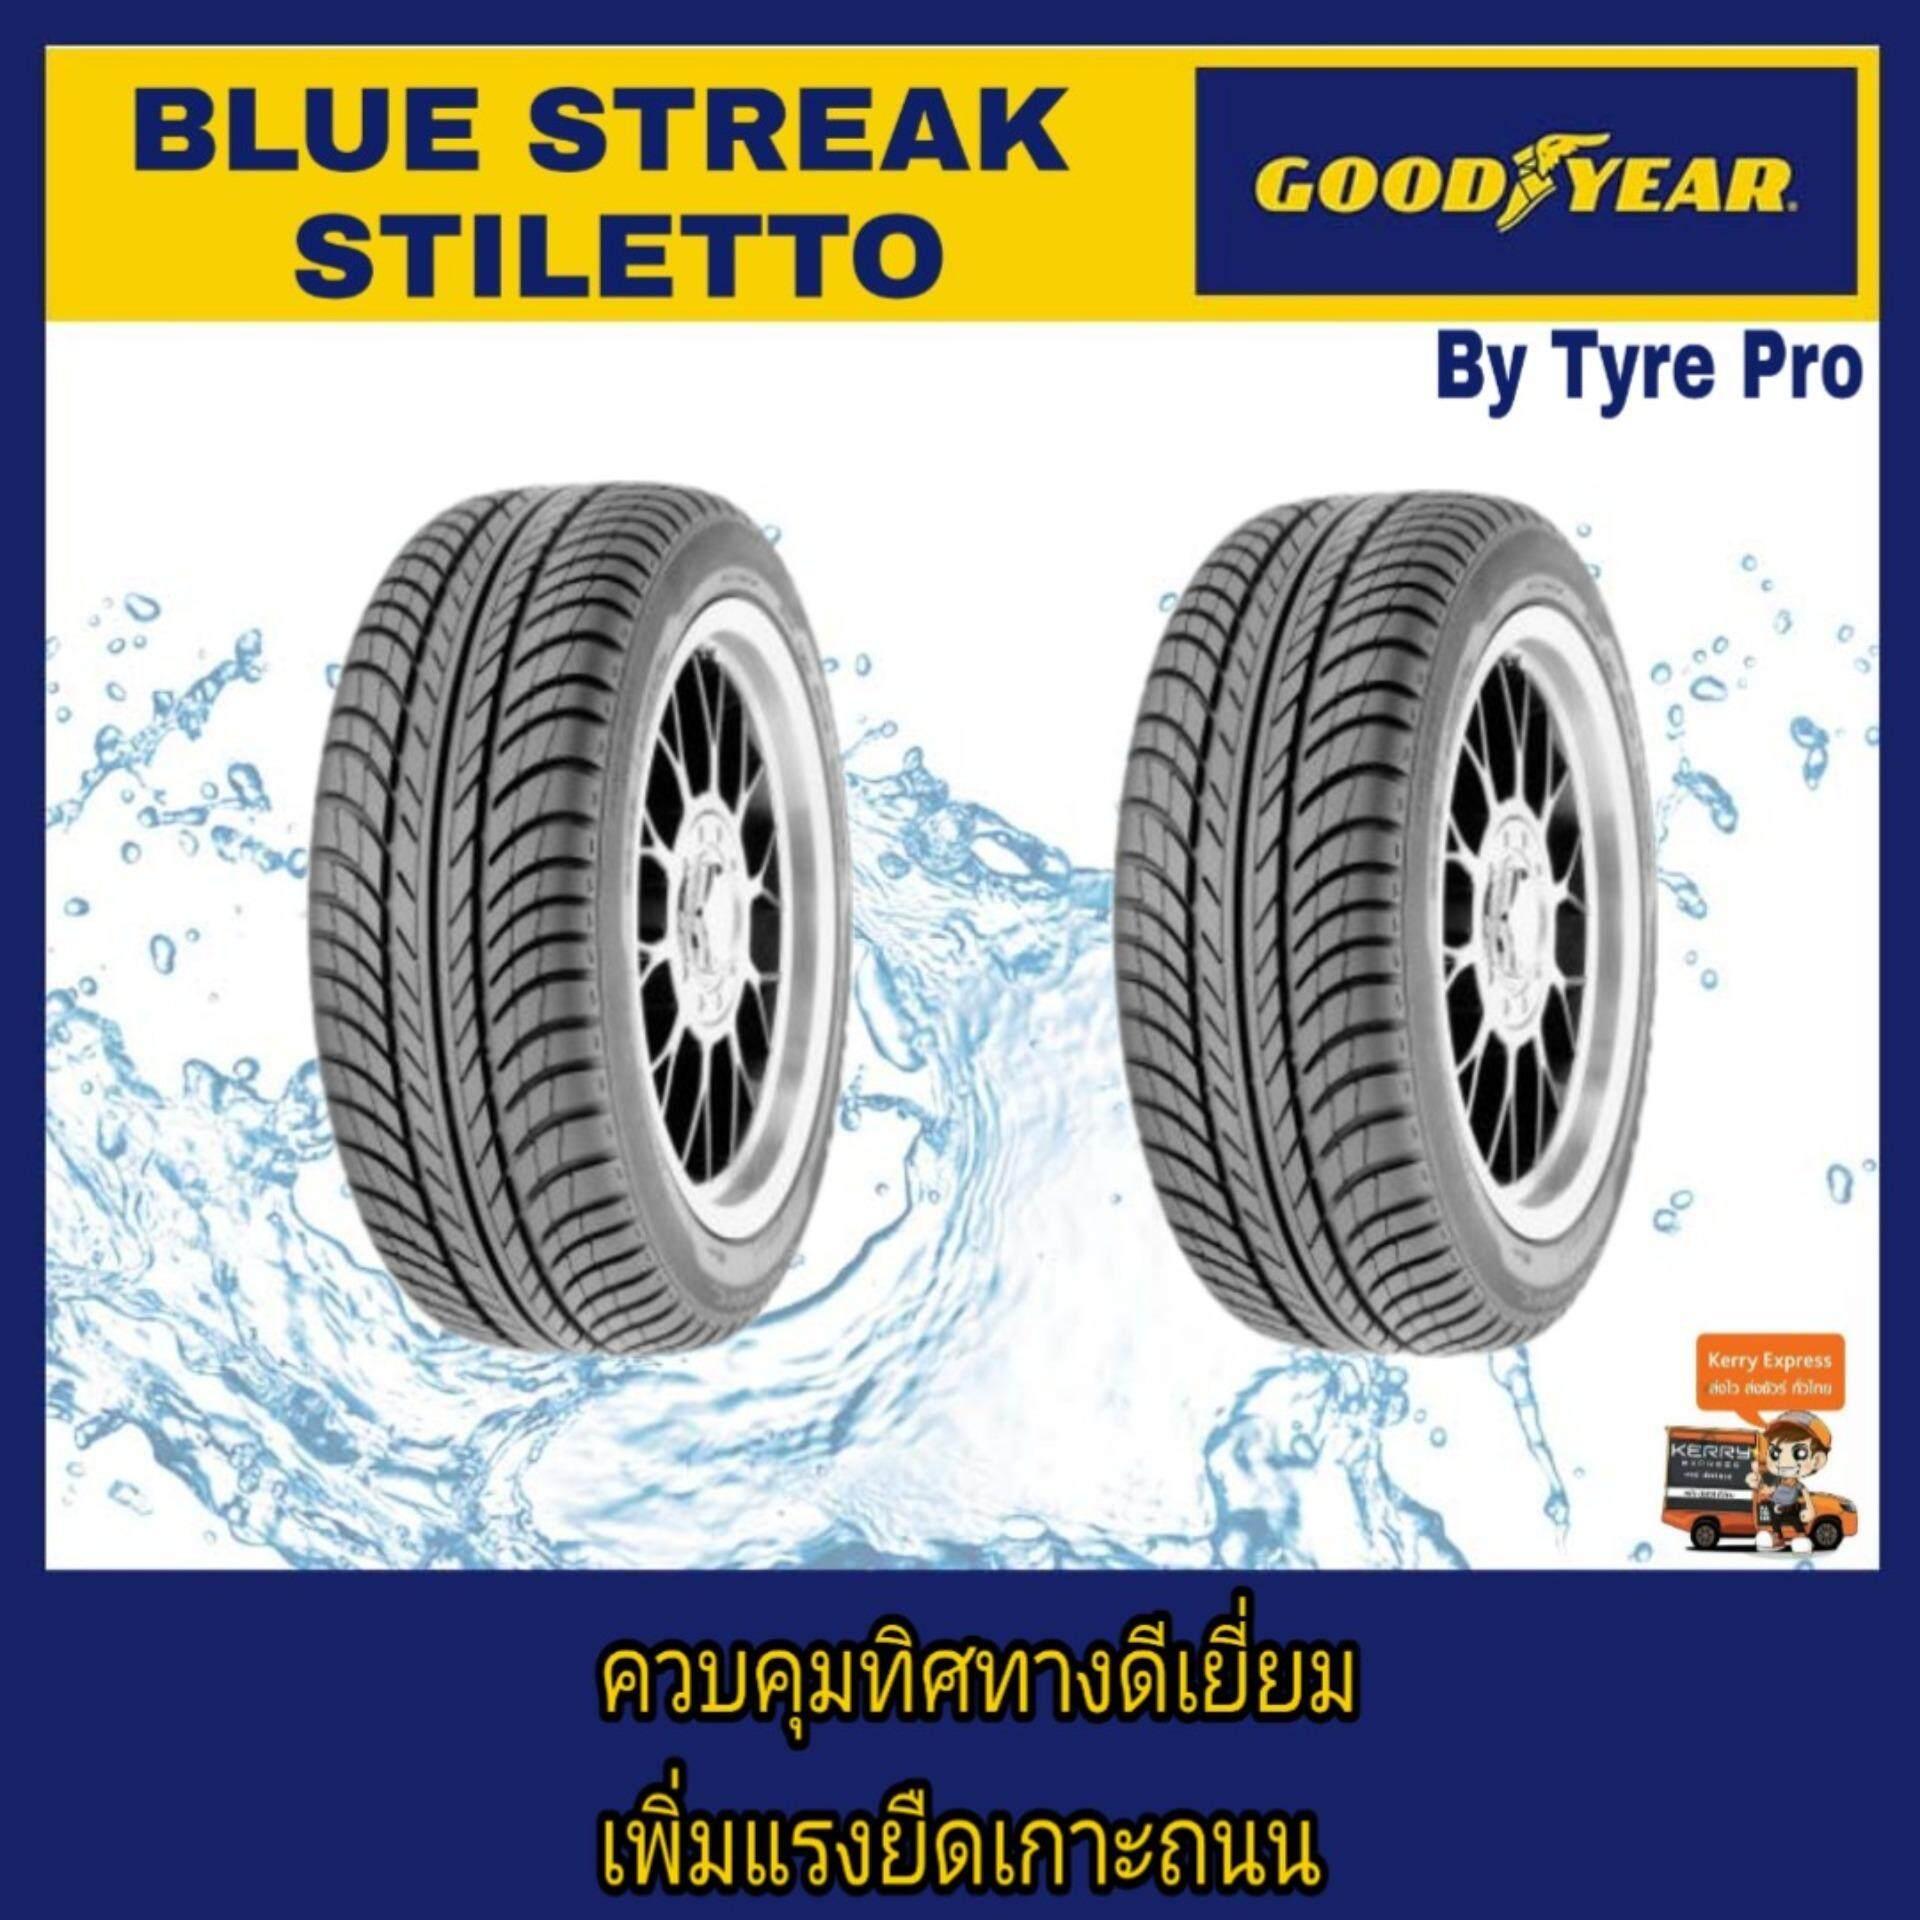 ประกันภัย รถยนต์ 3 พลัส ราคา ถูก ตาก Goodyear ยางรถยนต์ขอบ17  215/45R17 รุ่น Blue Streak Stiletto(2เส้น)